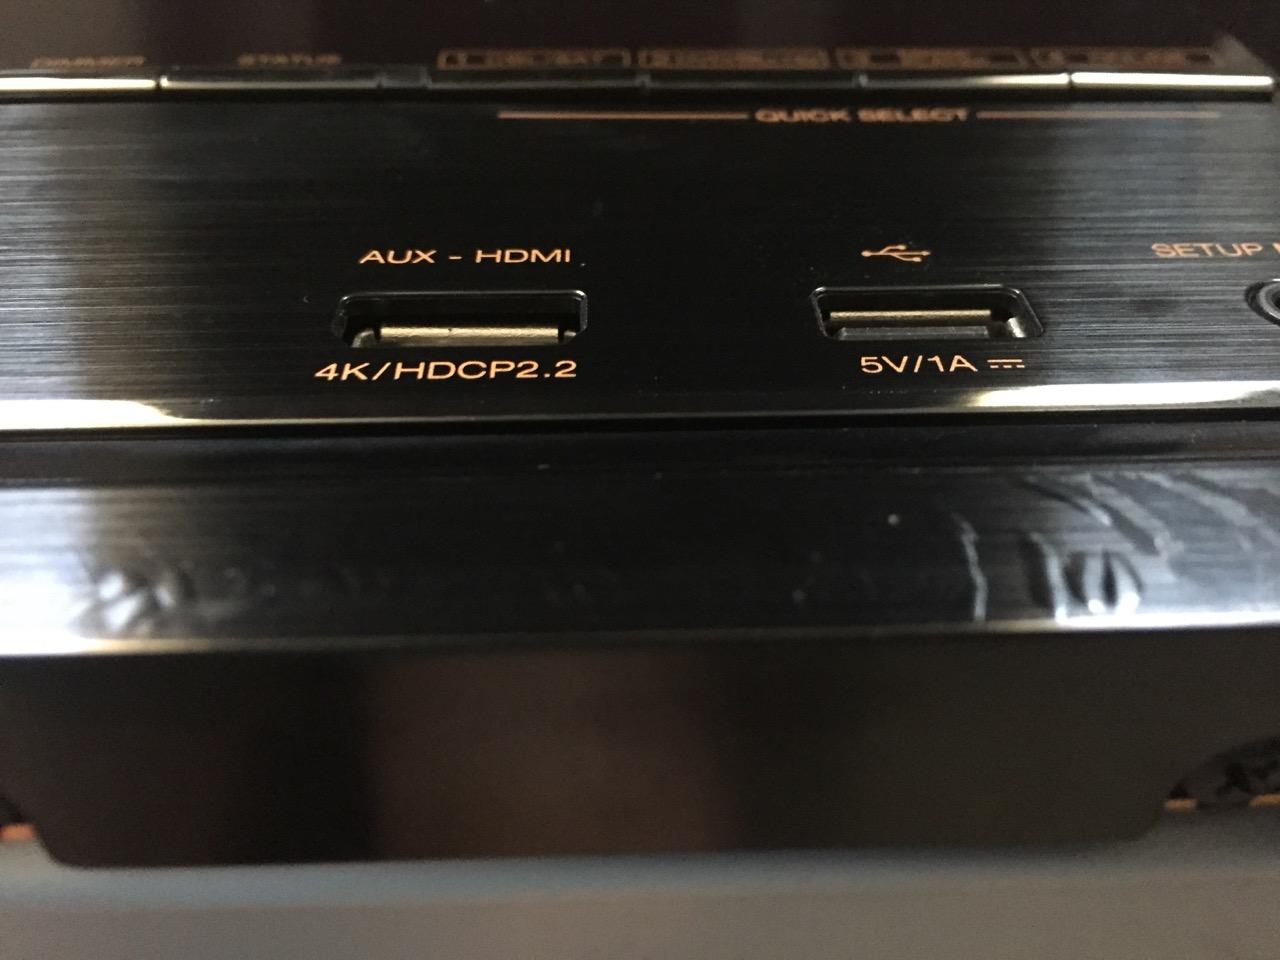 b2f677de8cf Denon AVR-X1300W 7.2-channel home theater receiver with Wi-Fi ...